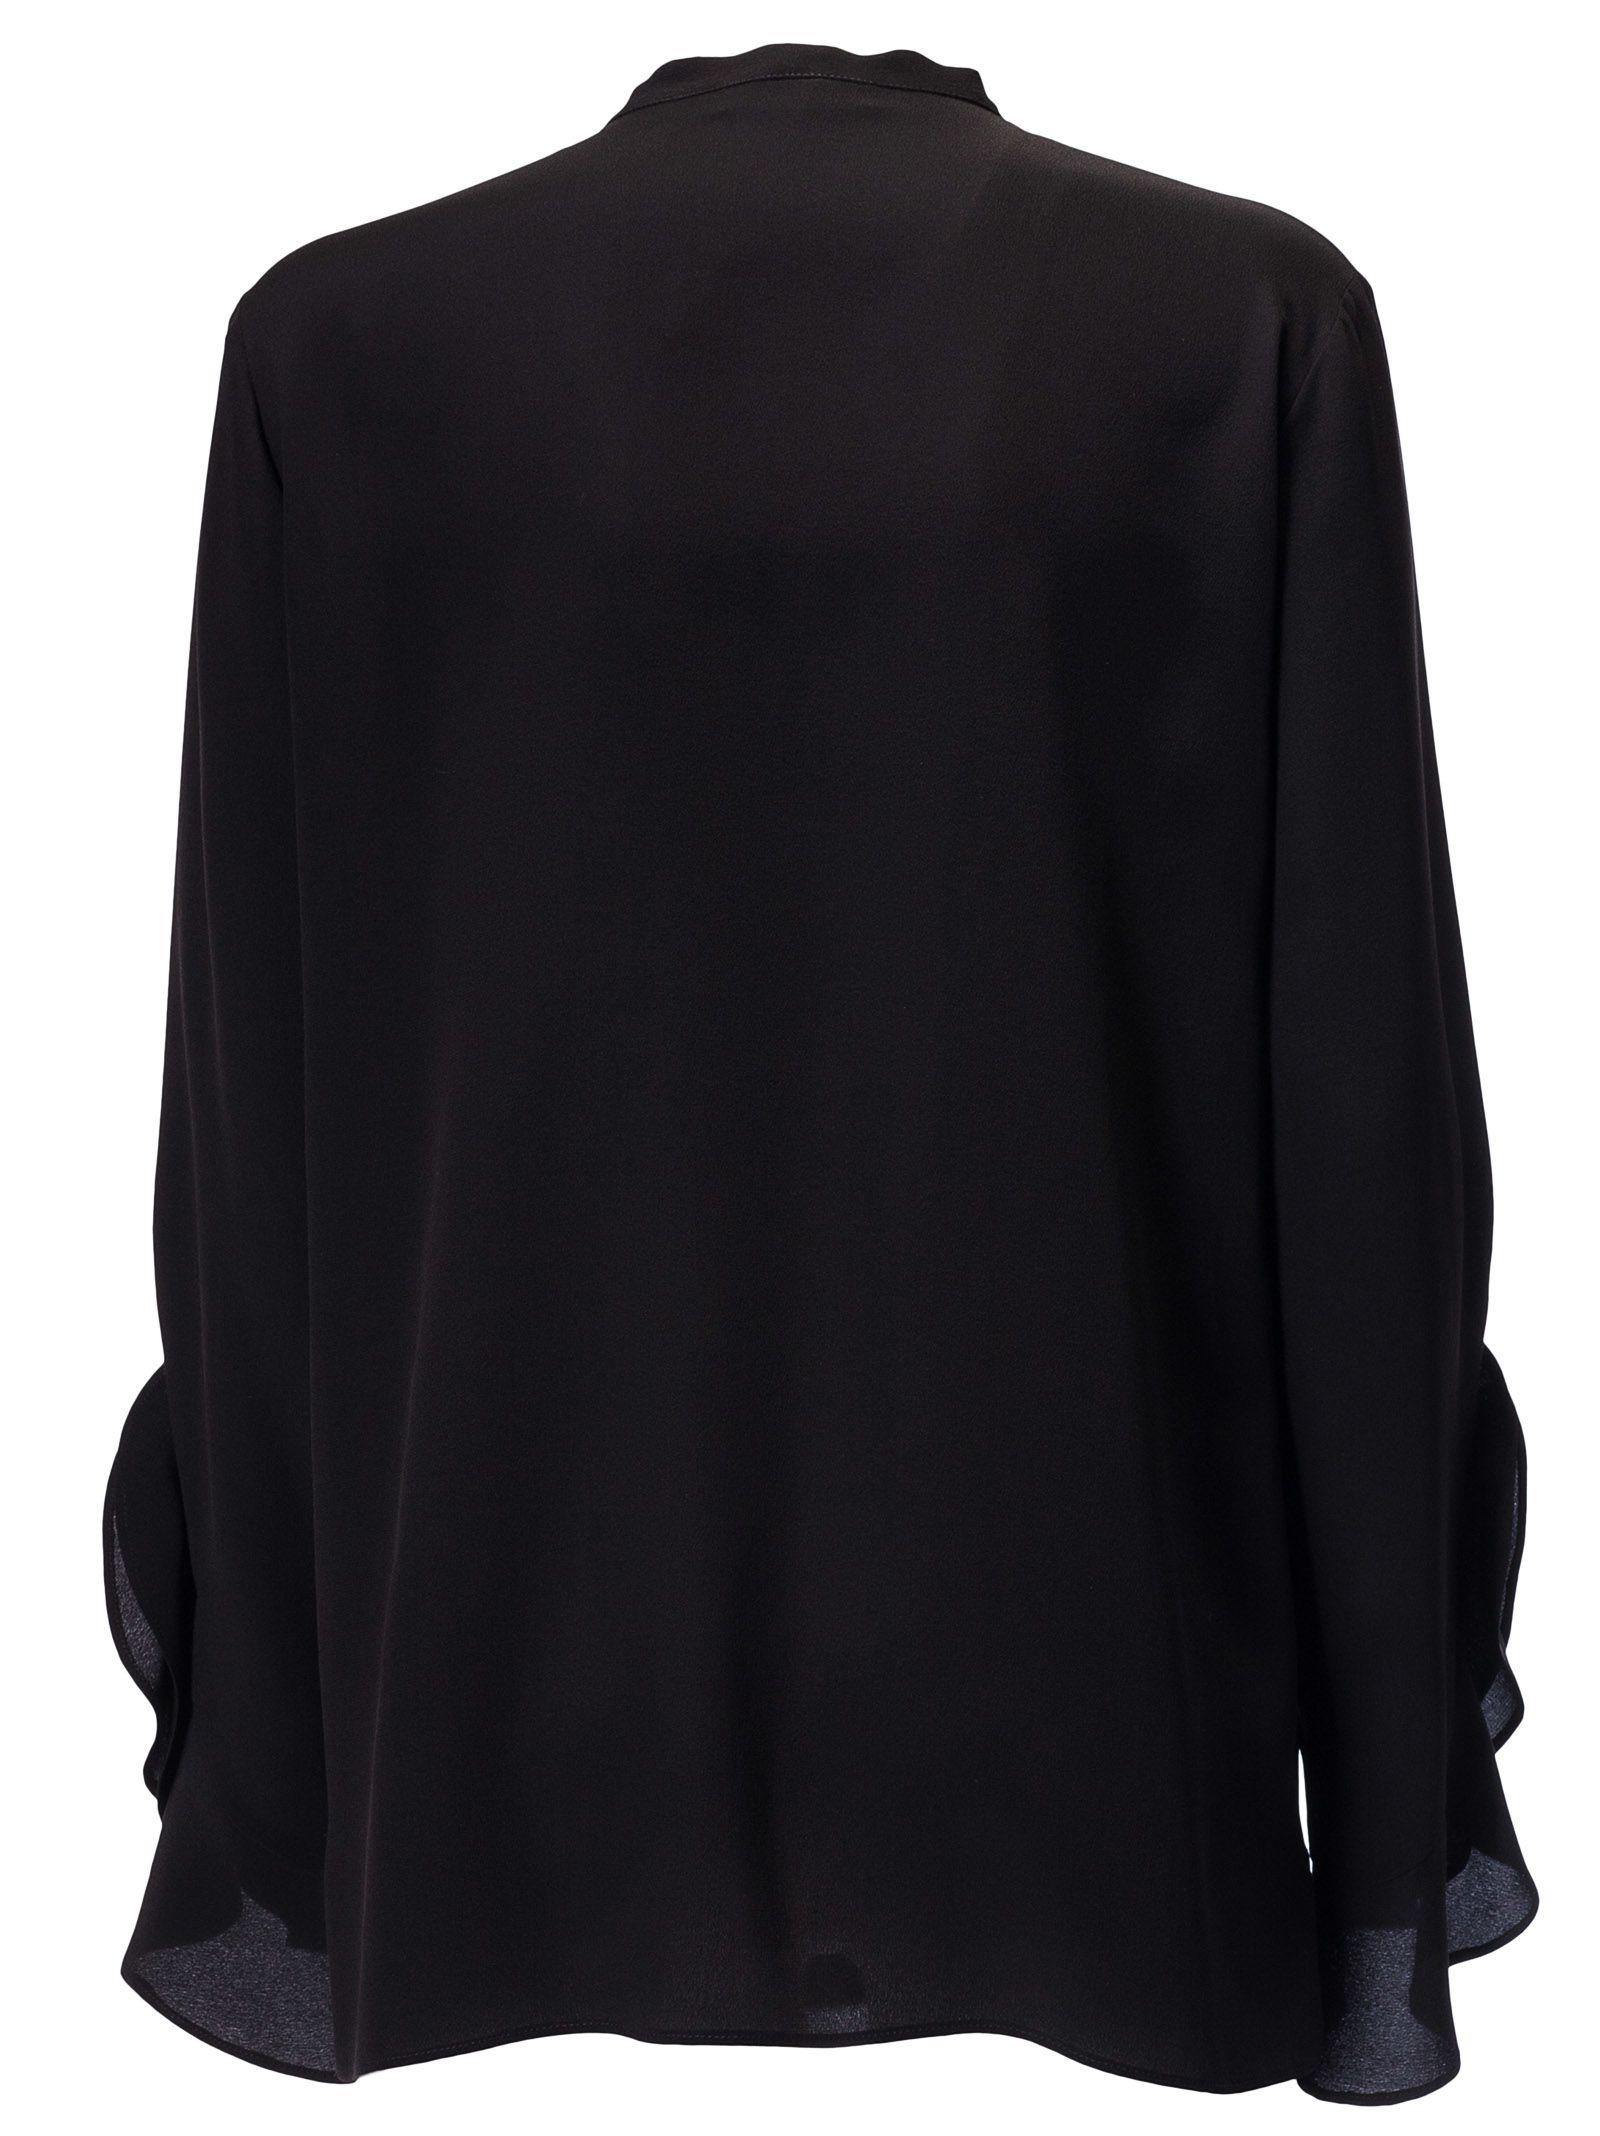 3dda4c6d3f8a64 Etro Ruffled Shirt - Black Etro Ruffled Shirt - Black ...